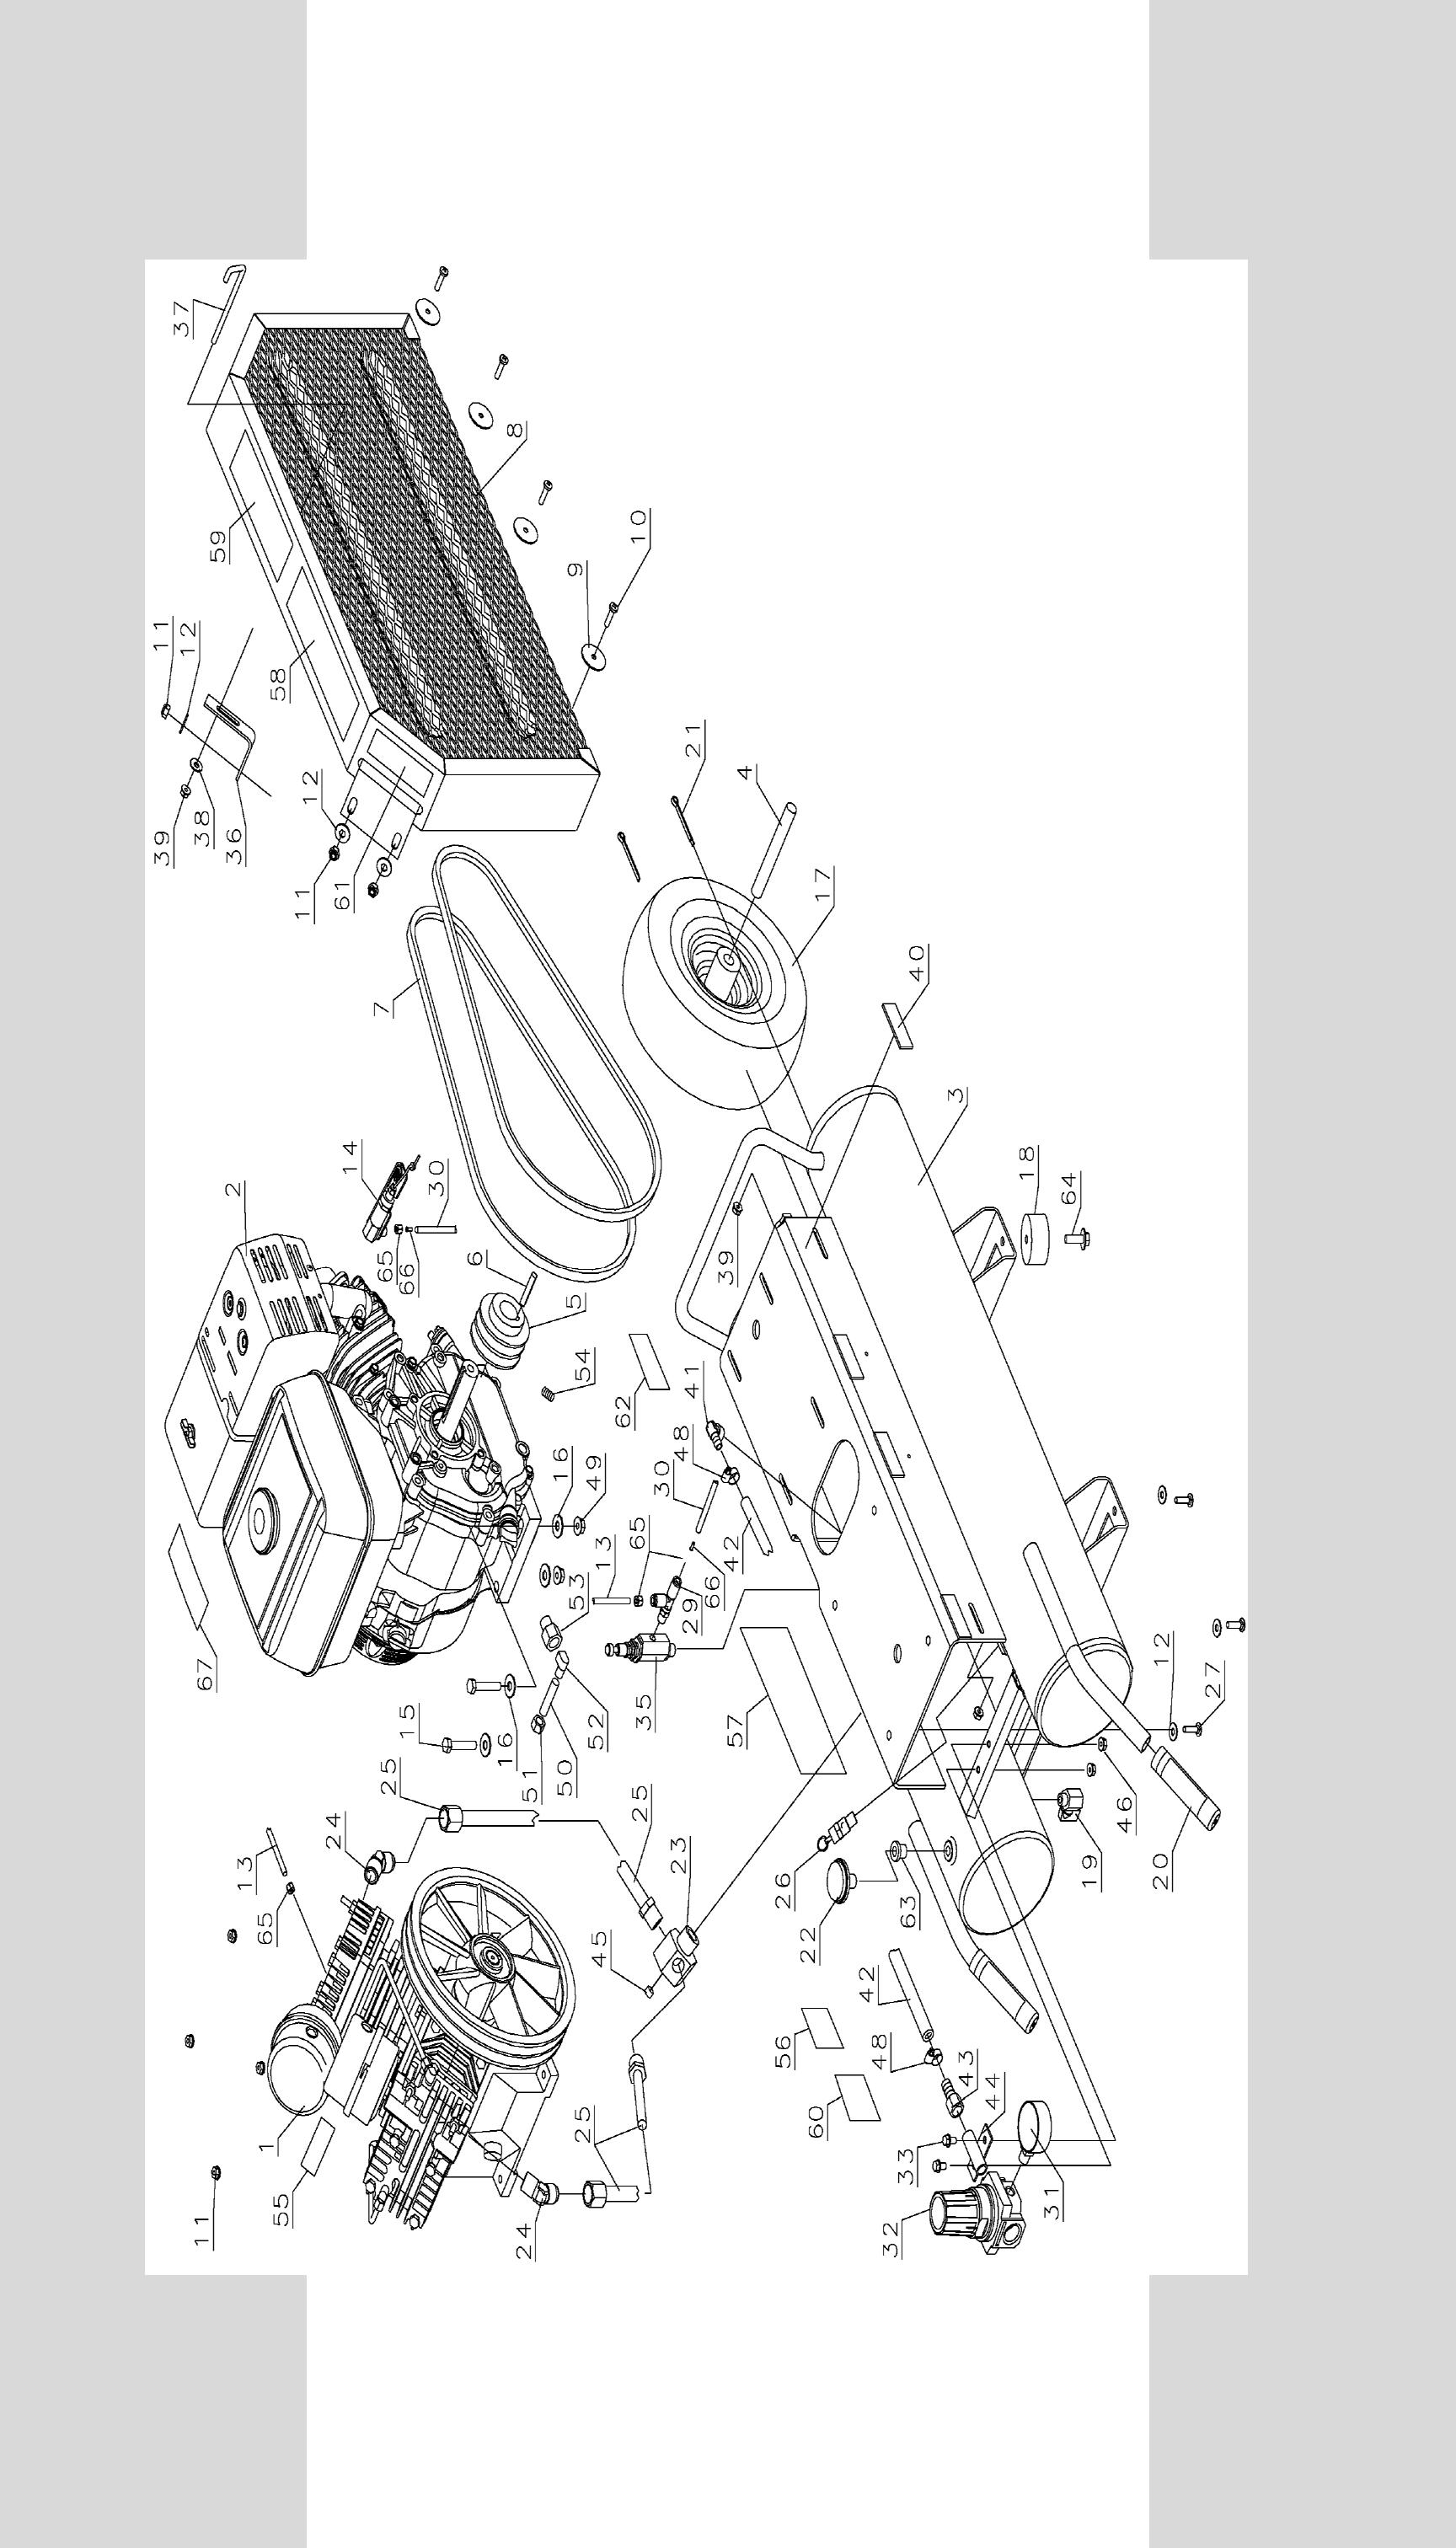 D55271-T4-Dewalt-PB-3Break Down